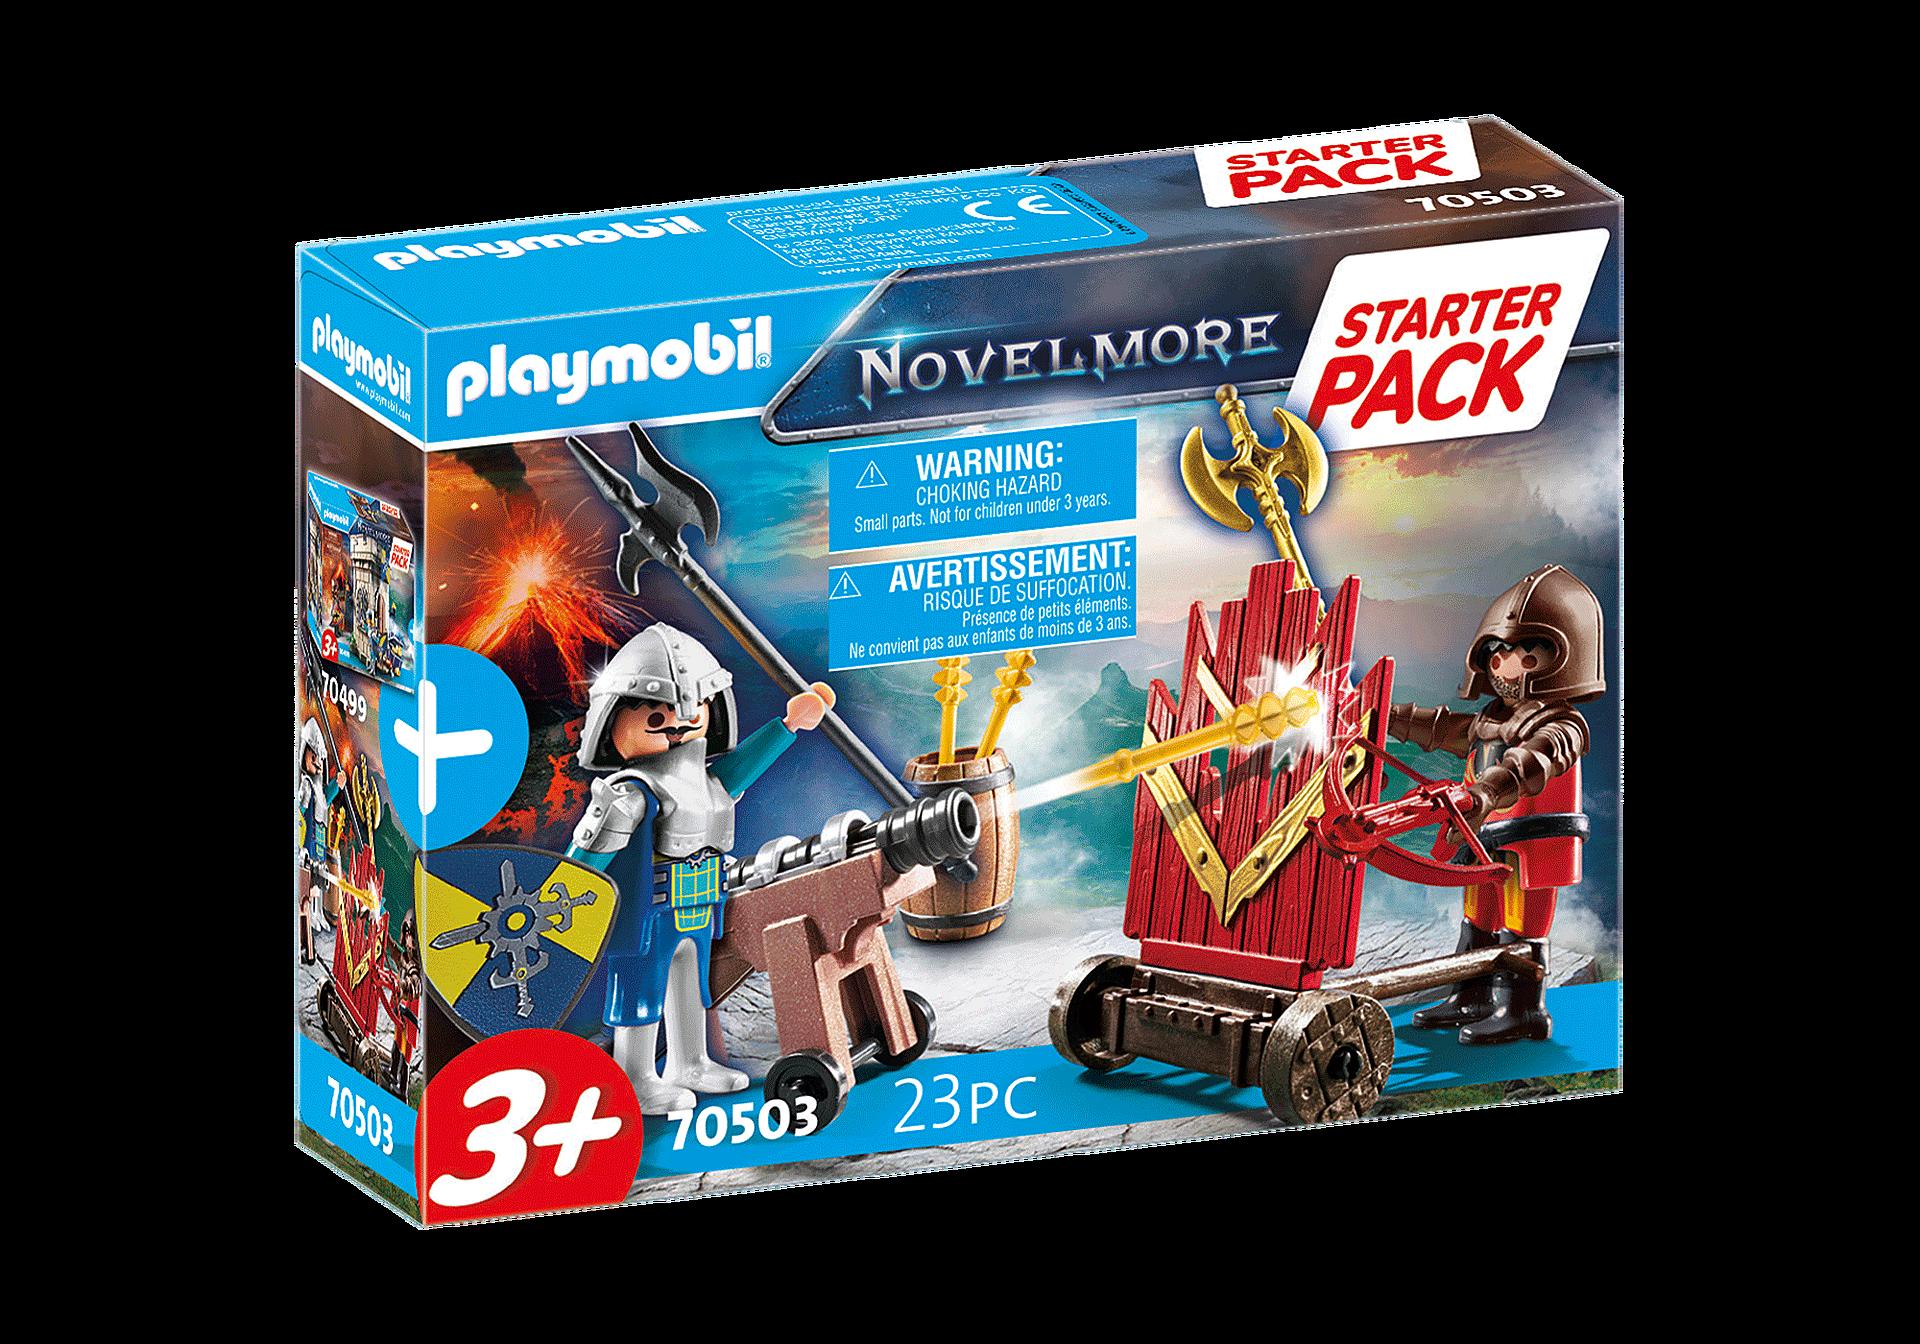 70503 Startpakke Novelmore Ekstraudstyr zoom image2